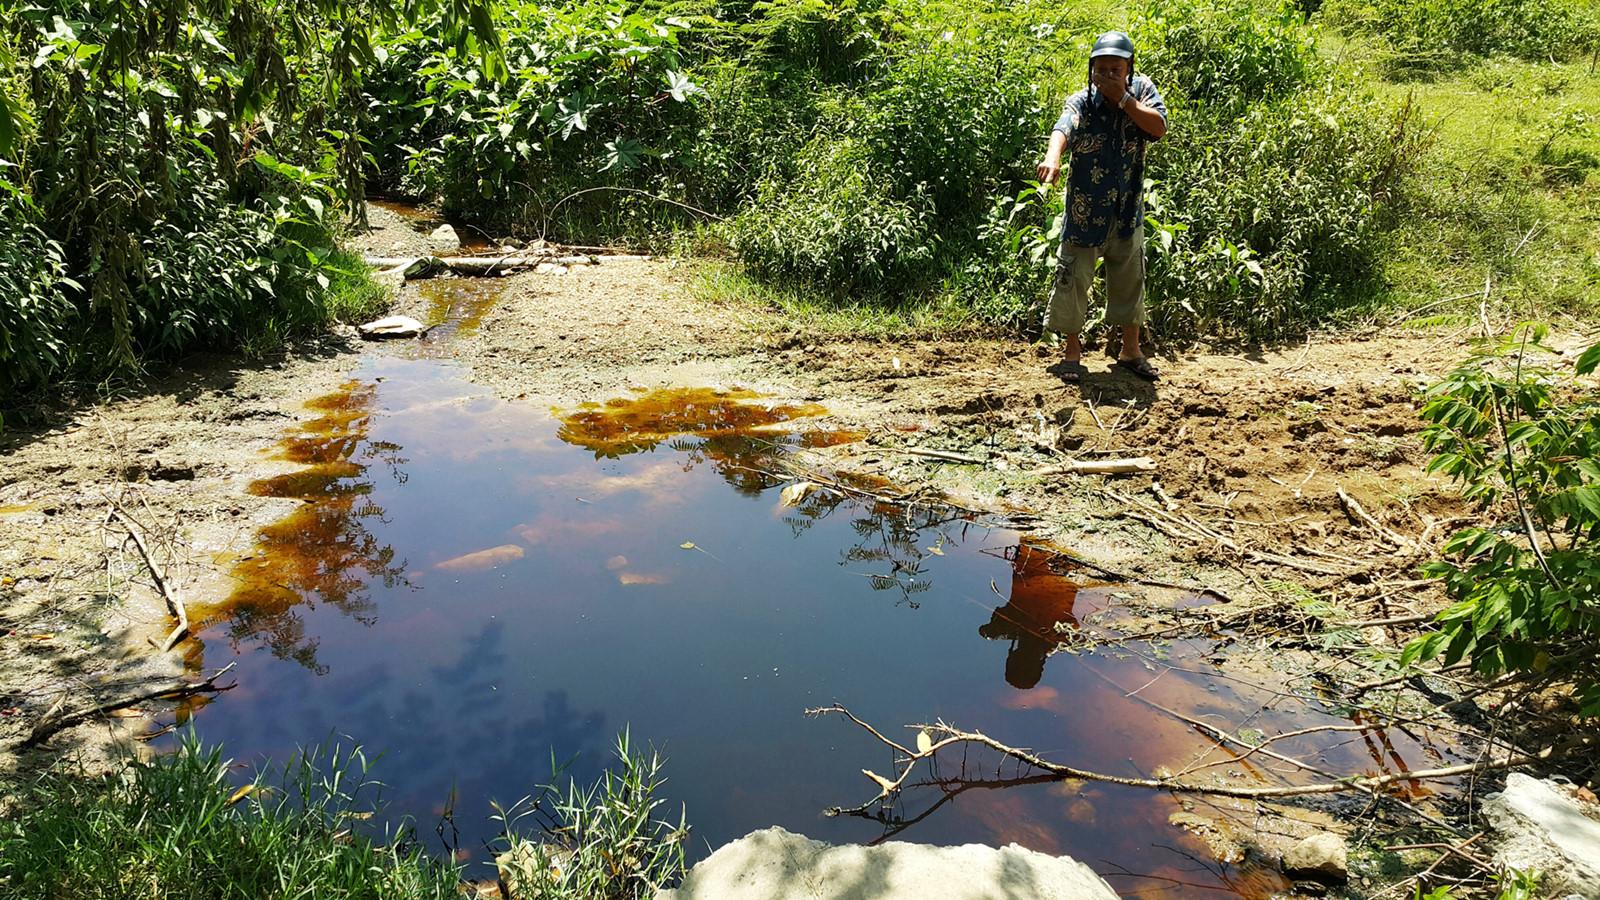 Xử lý nước rỉ rác bằng phương pháp sinh học có thực sự hiệu quả không.